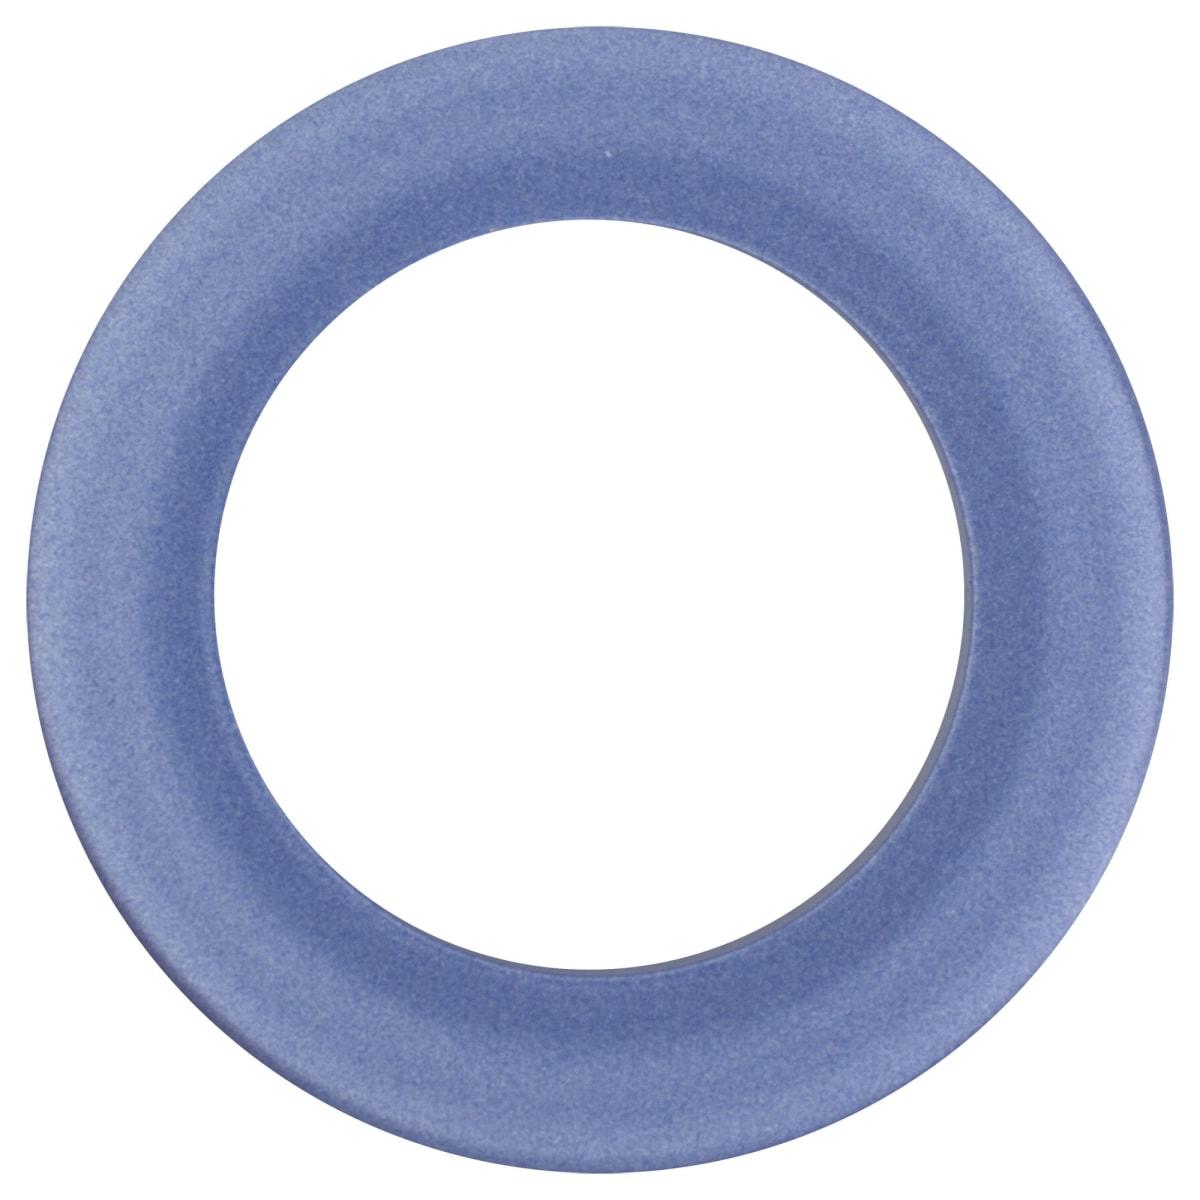 Люверс универсальный 350х550 мм цвет васильковый